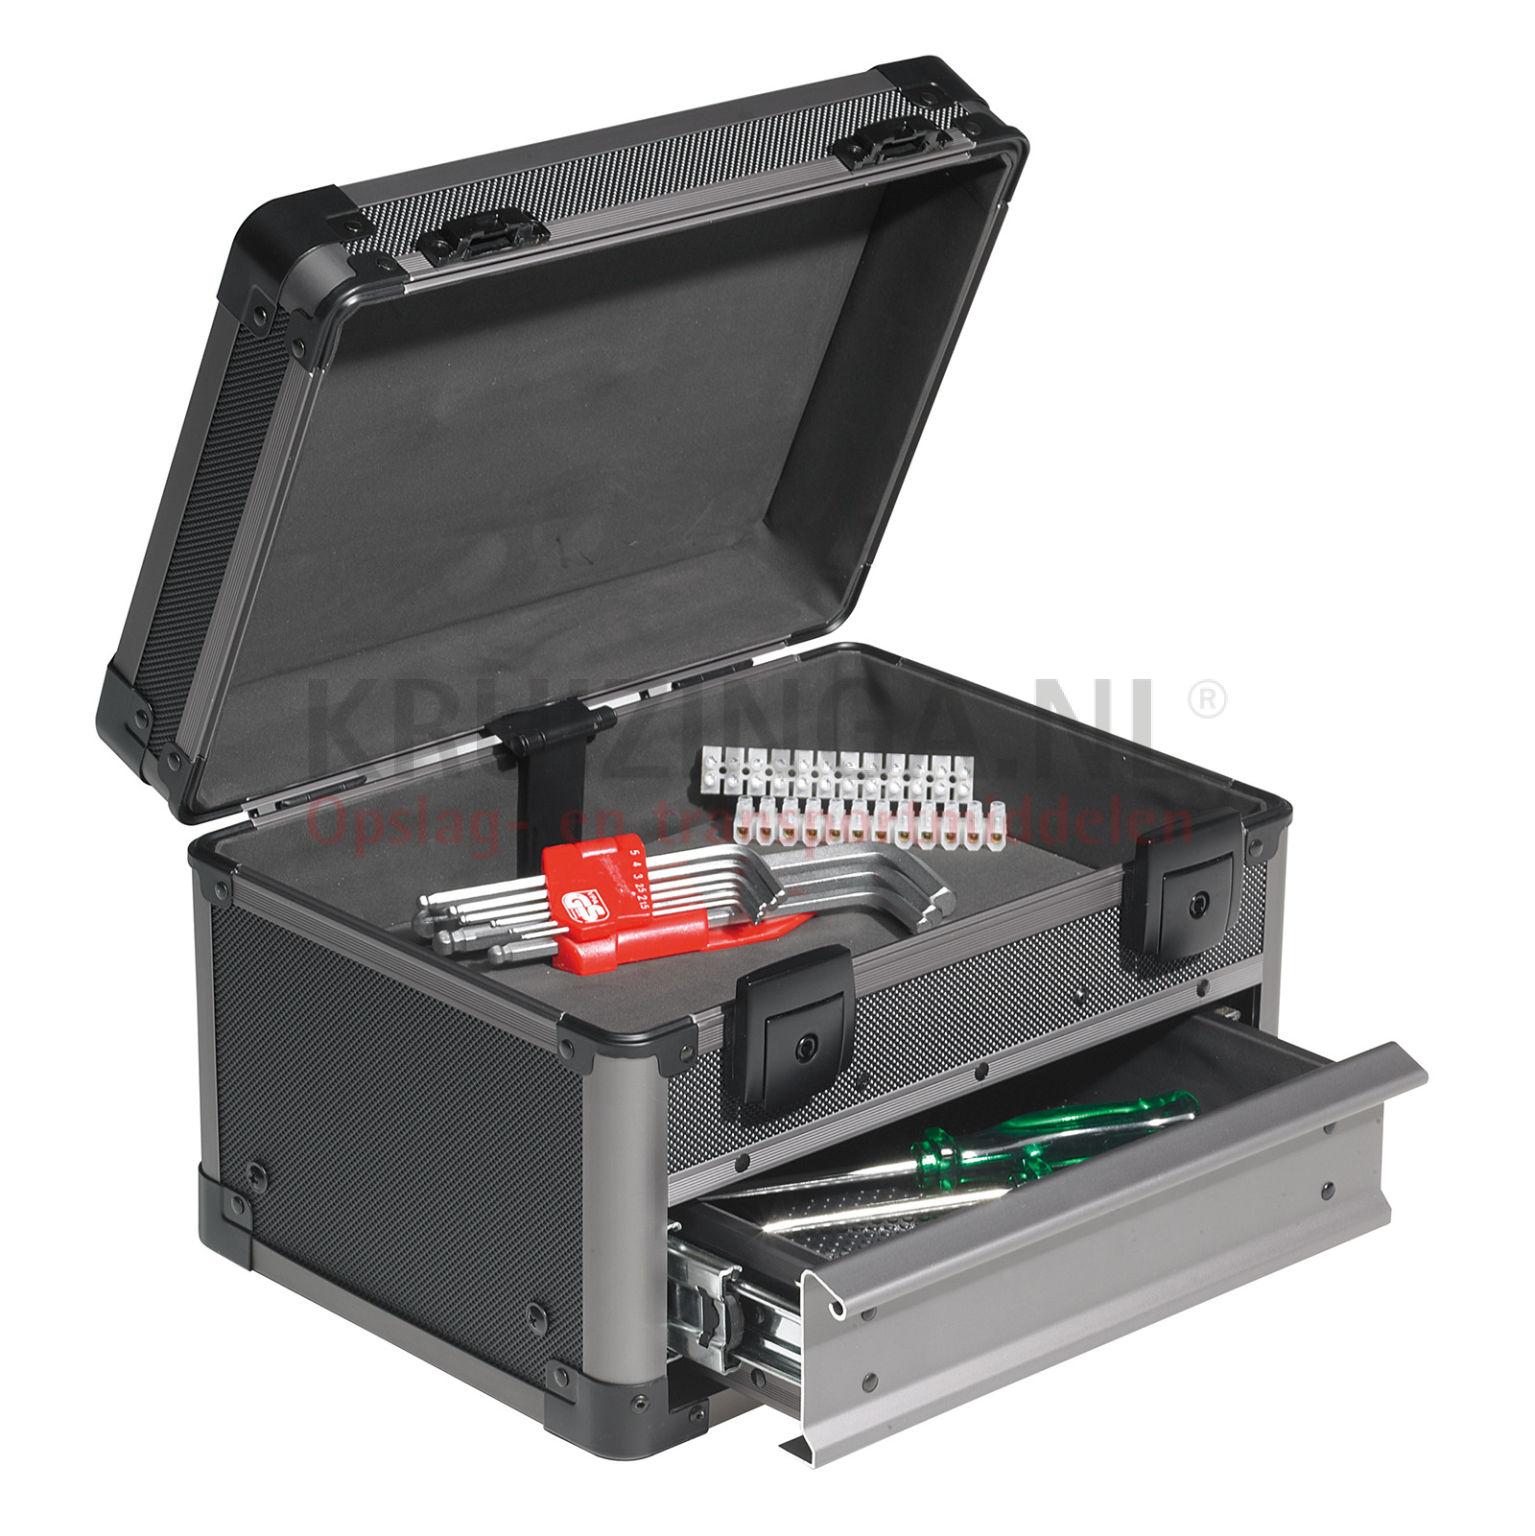 mallette de transport valise technicien avec 1 tiroir partir de 57 25 frais de livraison. Black Bedroom Furniture Sets. Home Design Ideas